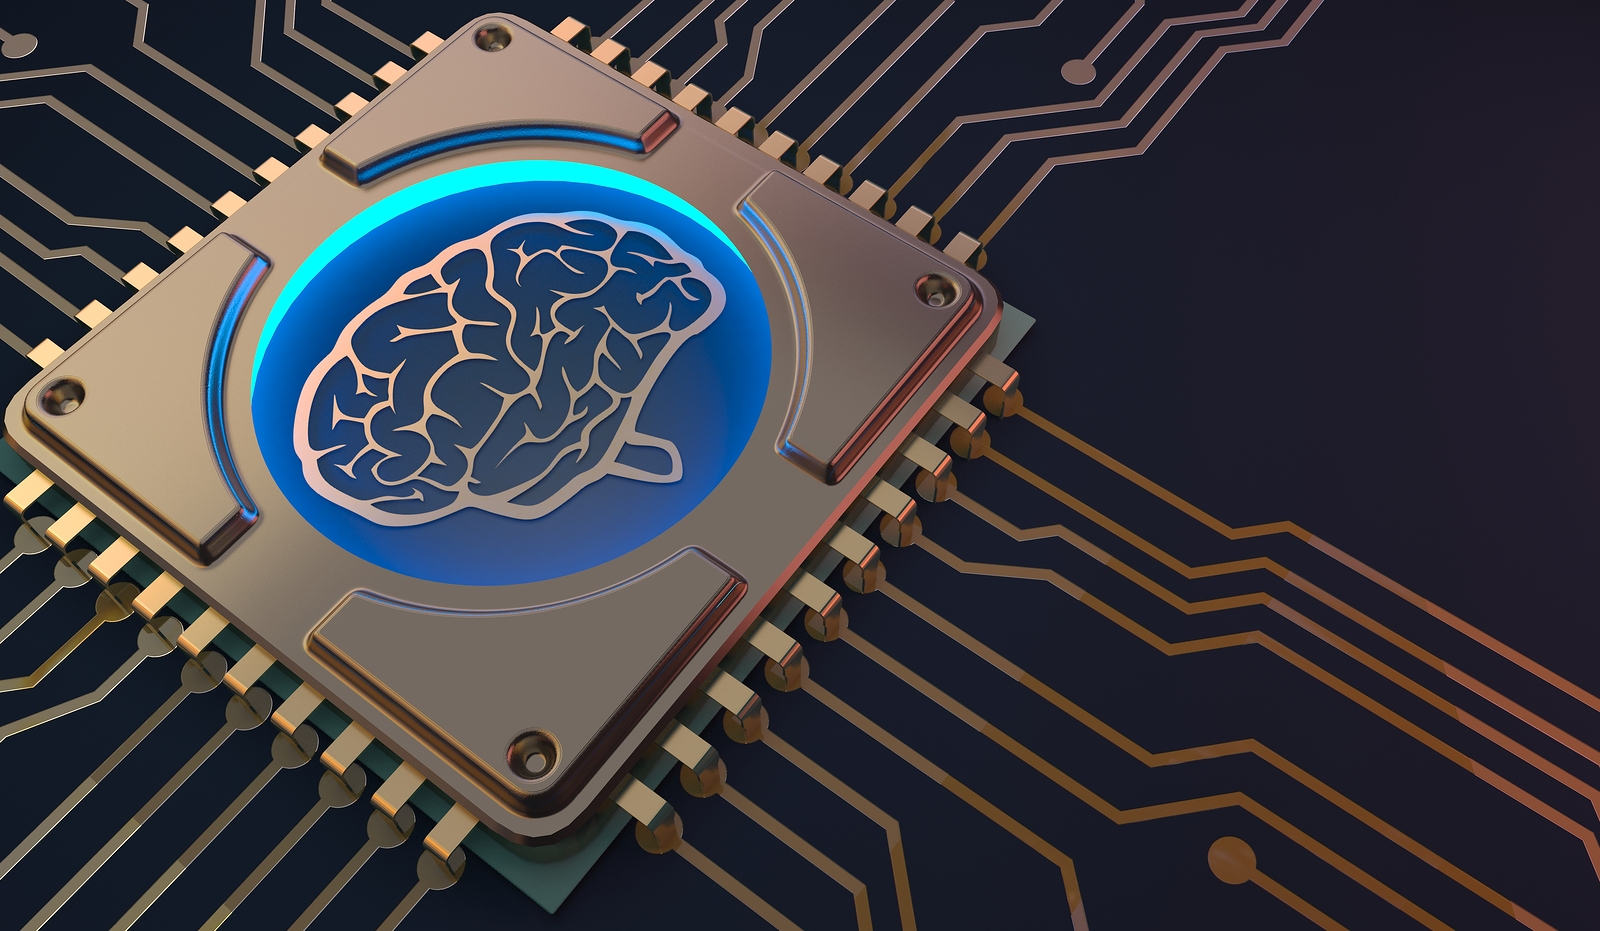 El objetivo de Learn with Google AI,es ayudar a las personas a entender el potencial de la inteligencia artificial para resolver problemas complicados. - Foto: Bigstock.com